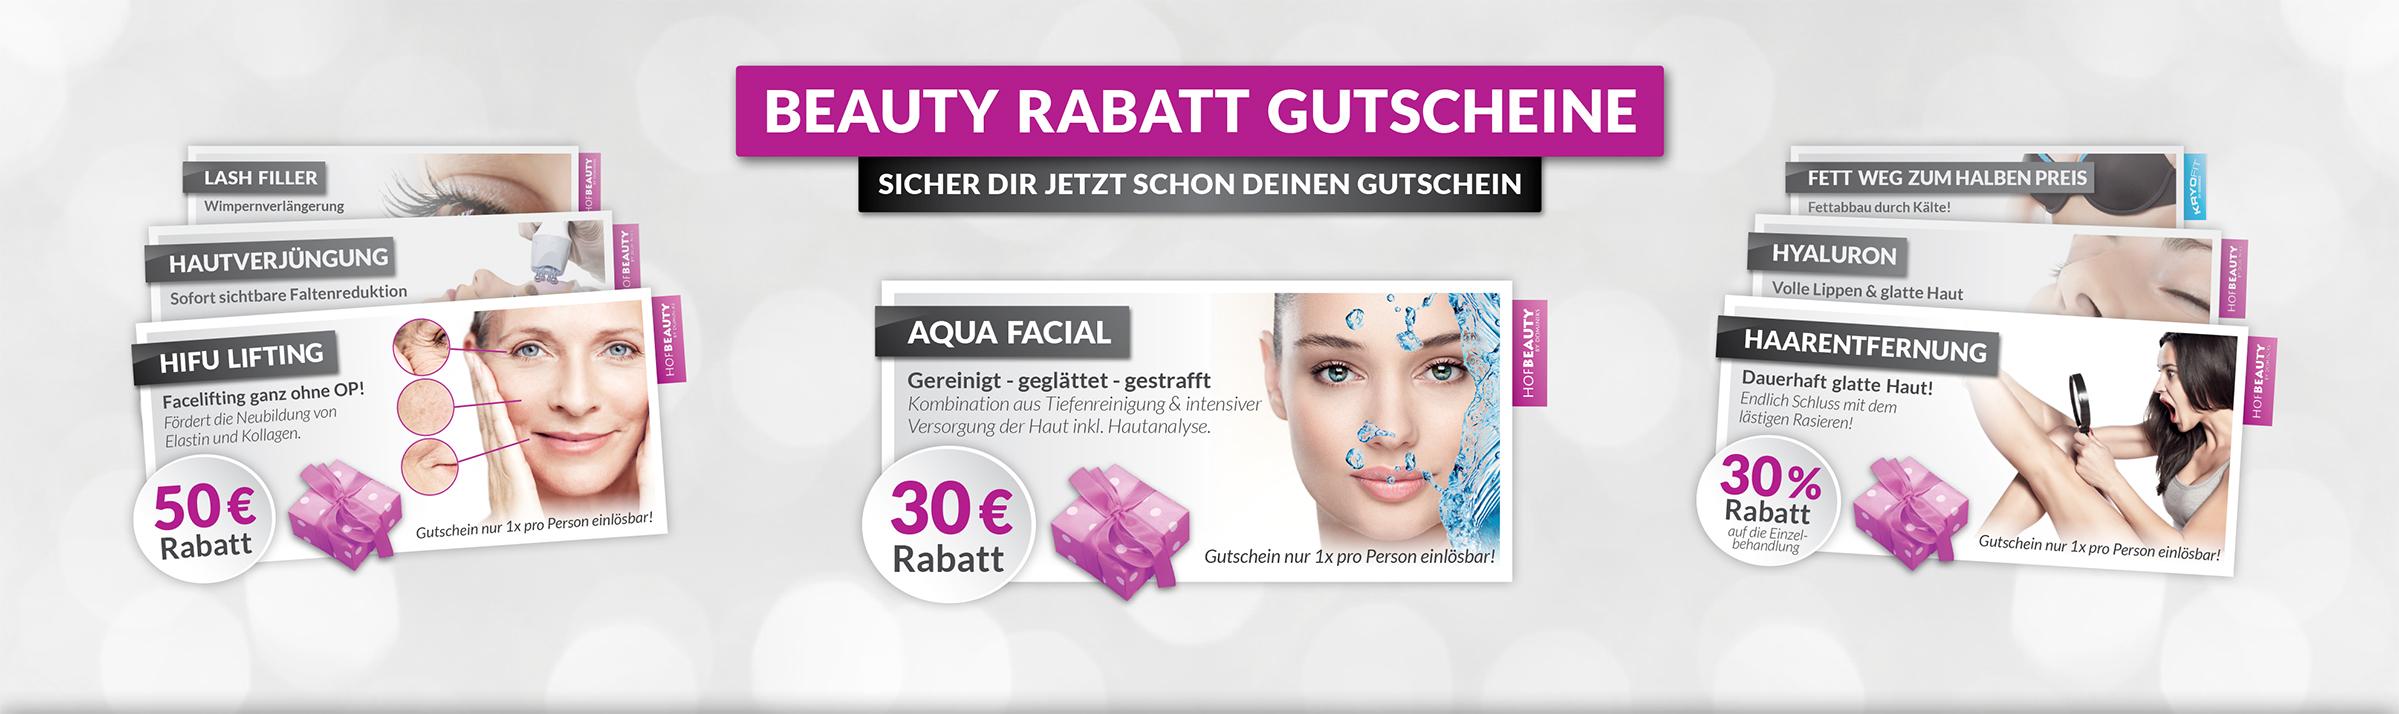 HofBeauty Kosmetikstudio Rabatt Gutscheine